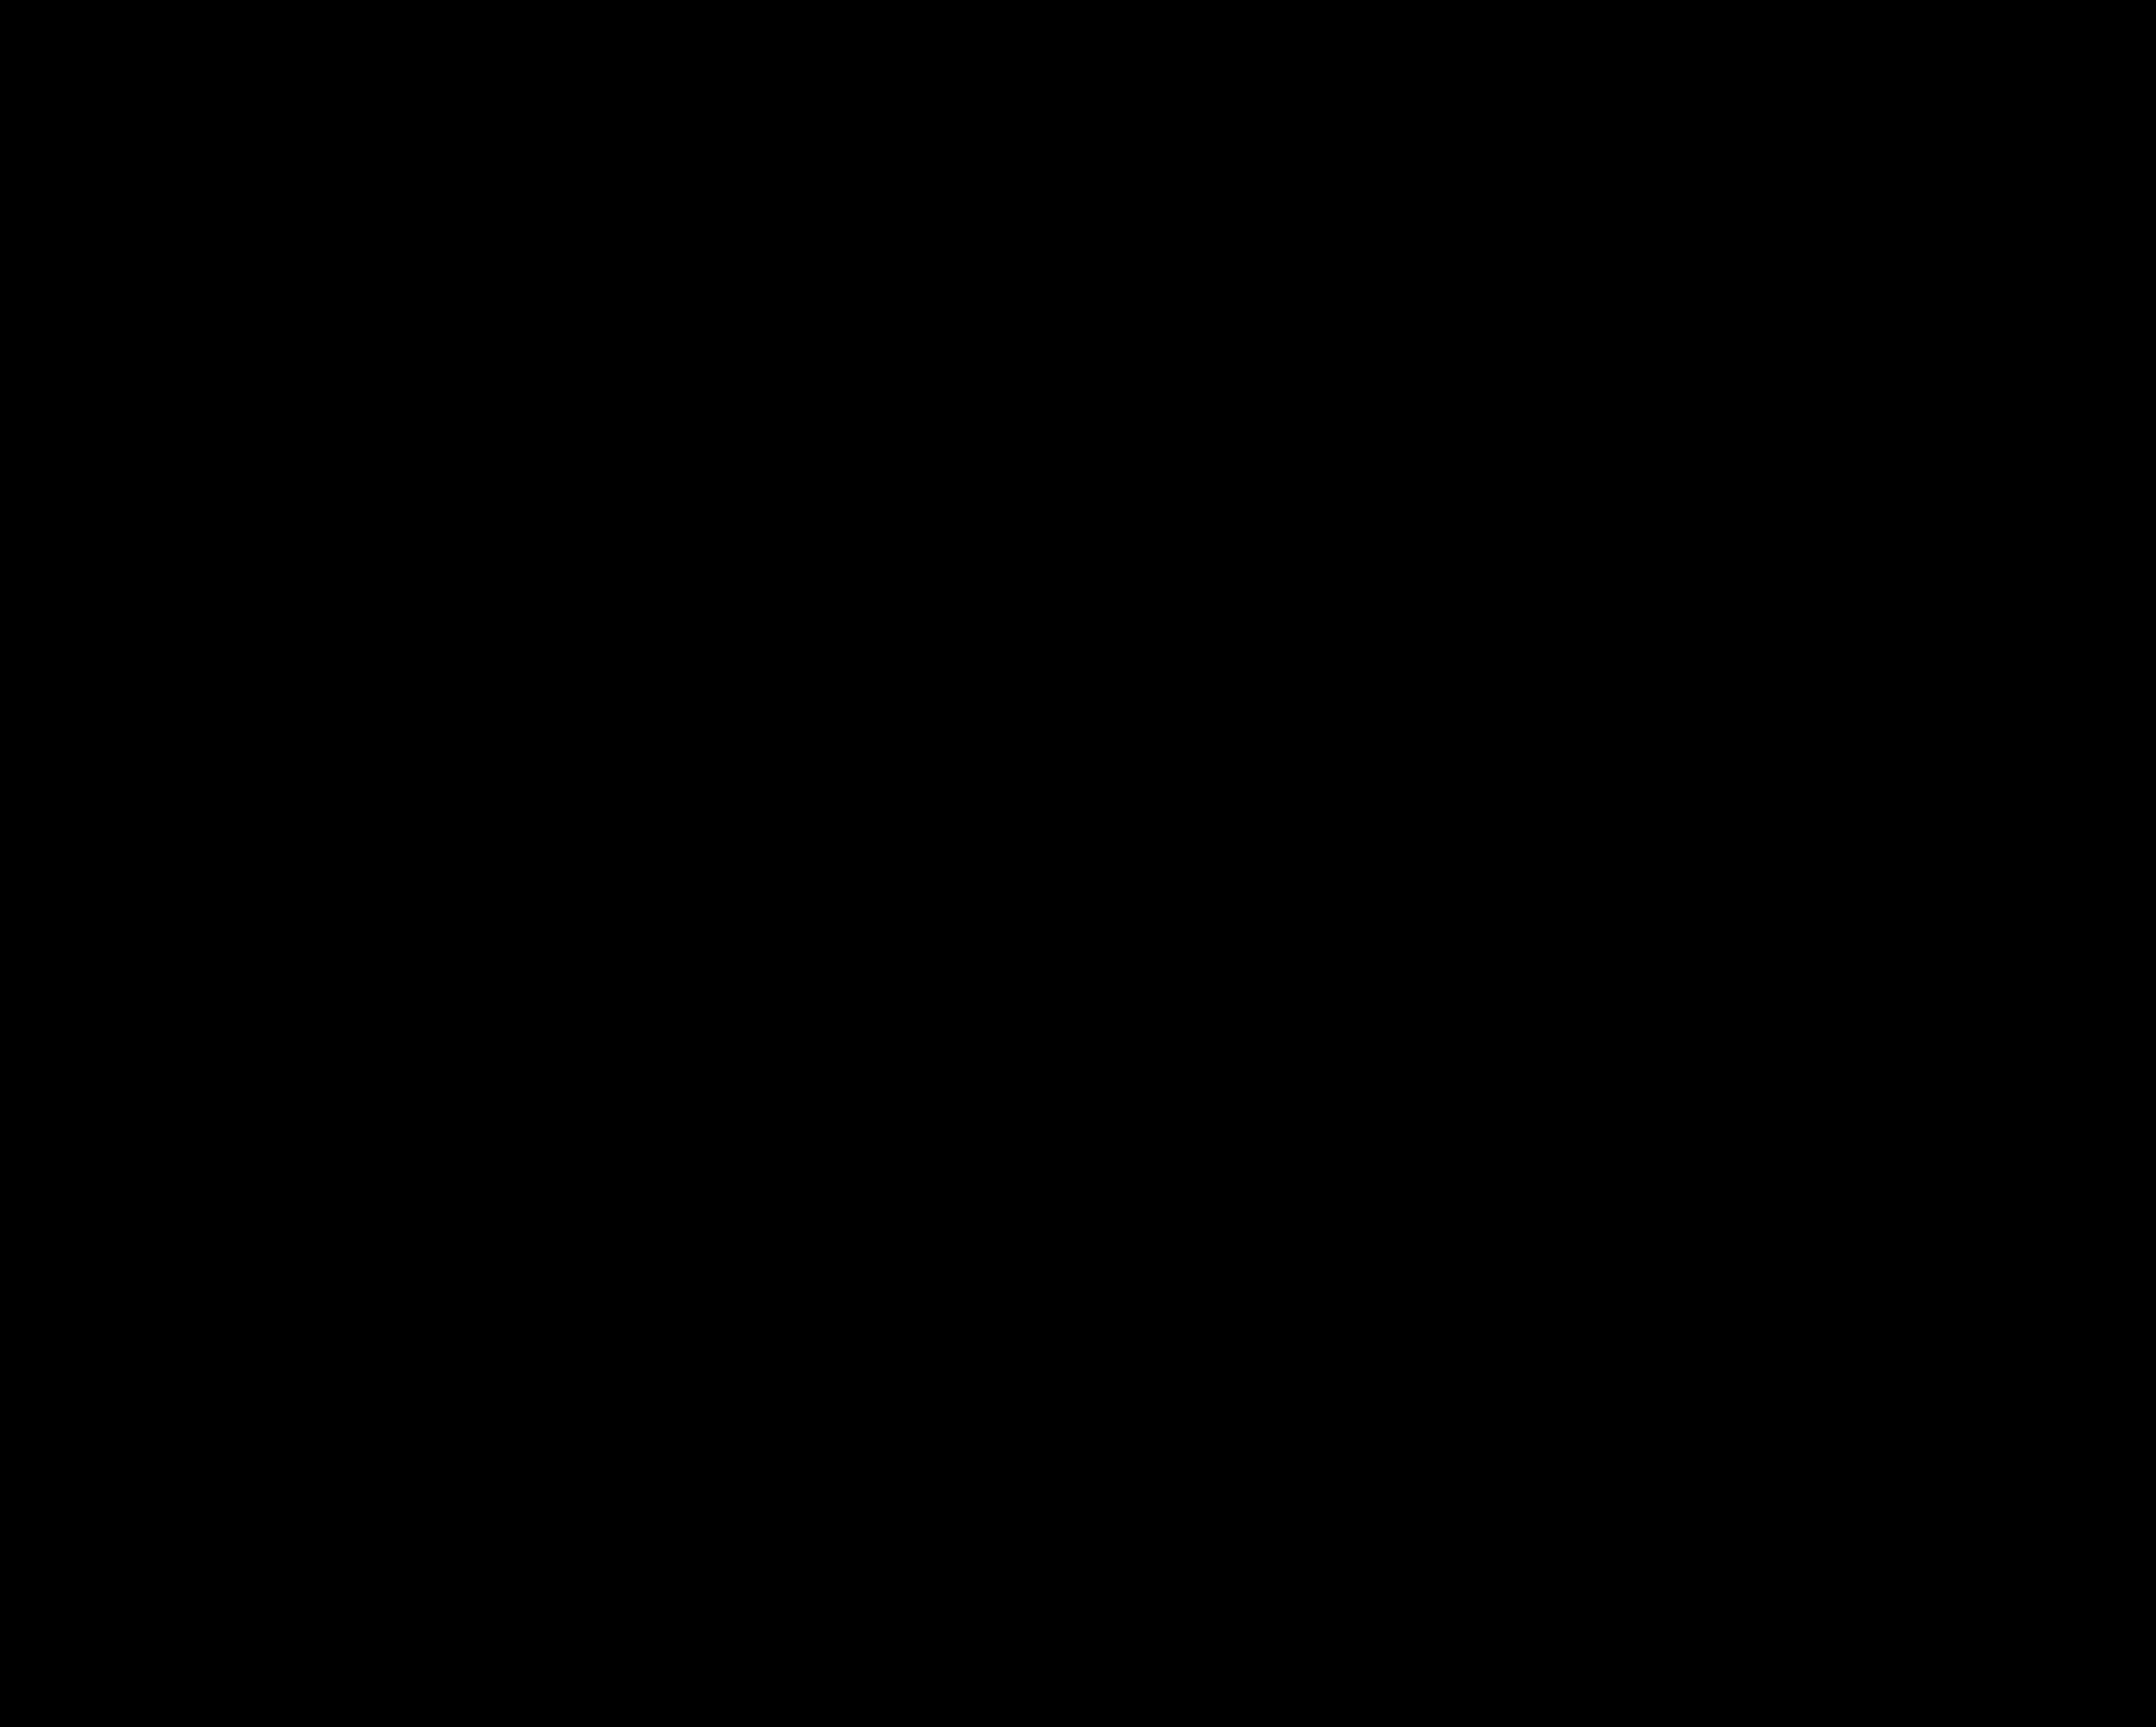 ceramicdiagram4.png